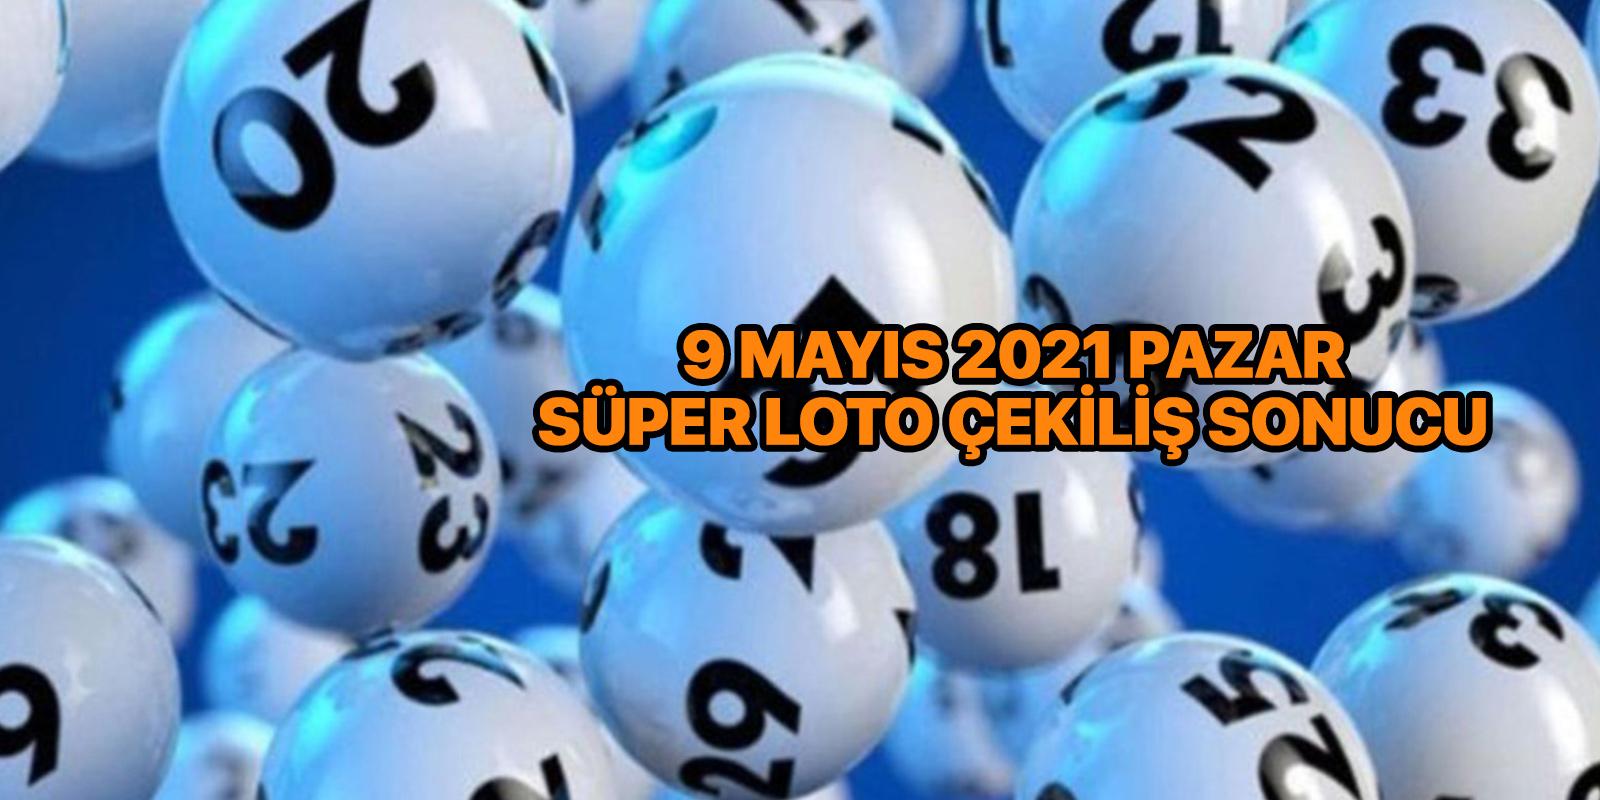 Süper Loto çekiliş sonucu sorgulama 9 Mayıs 2021 Pazar